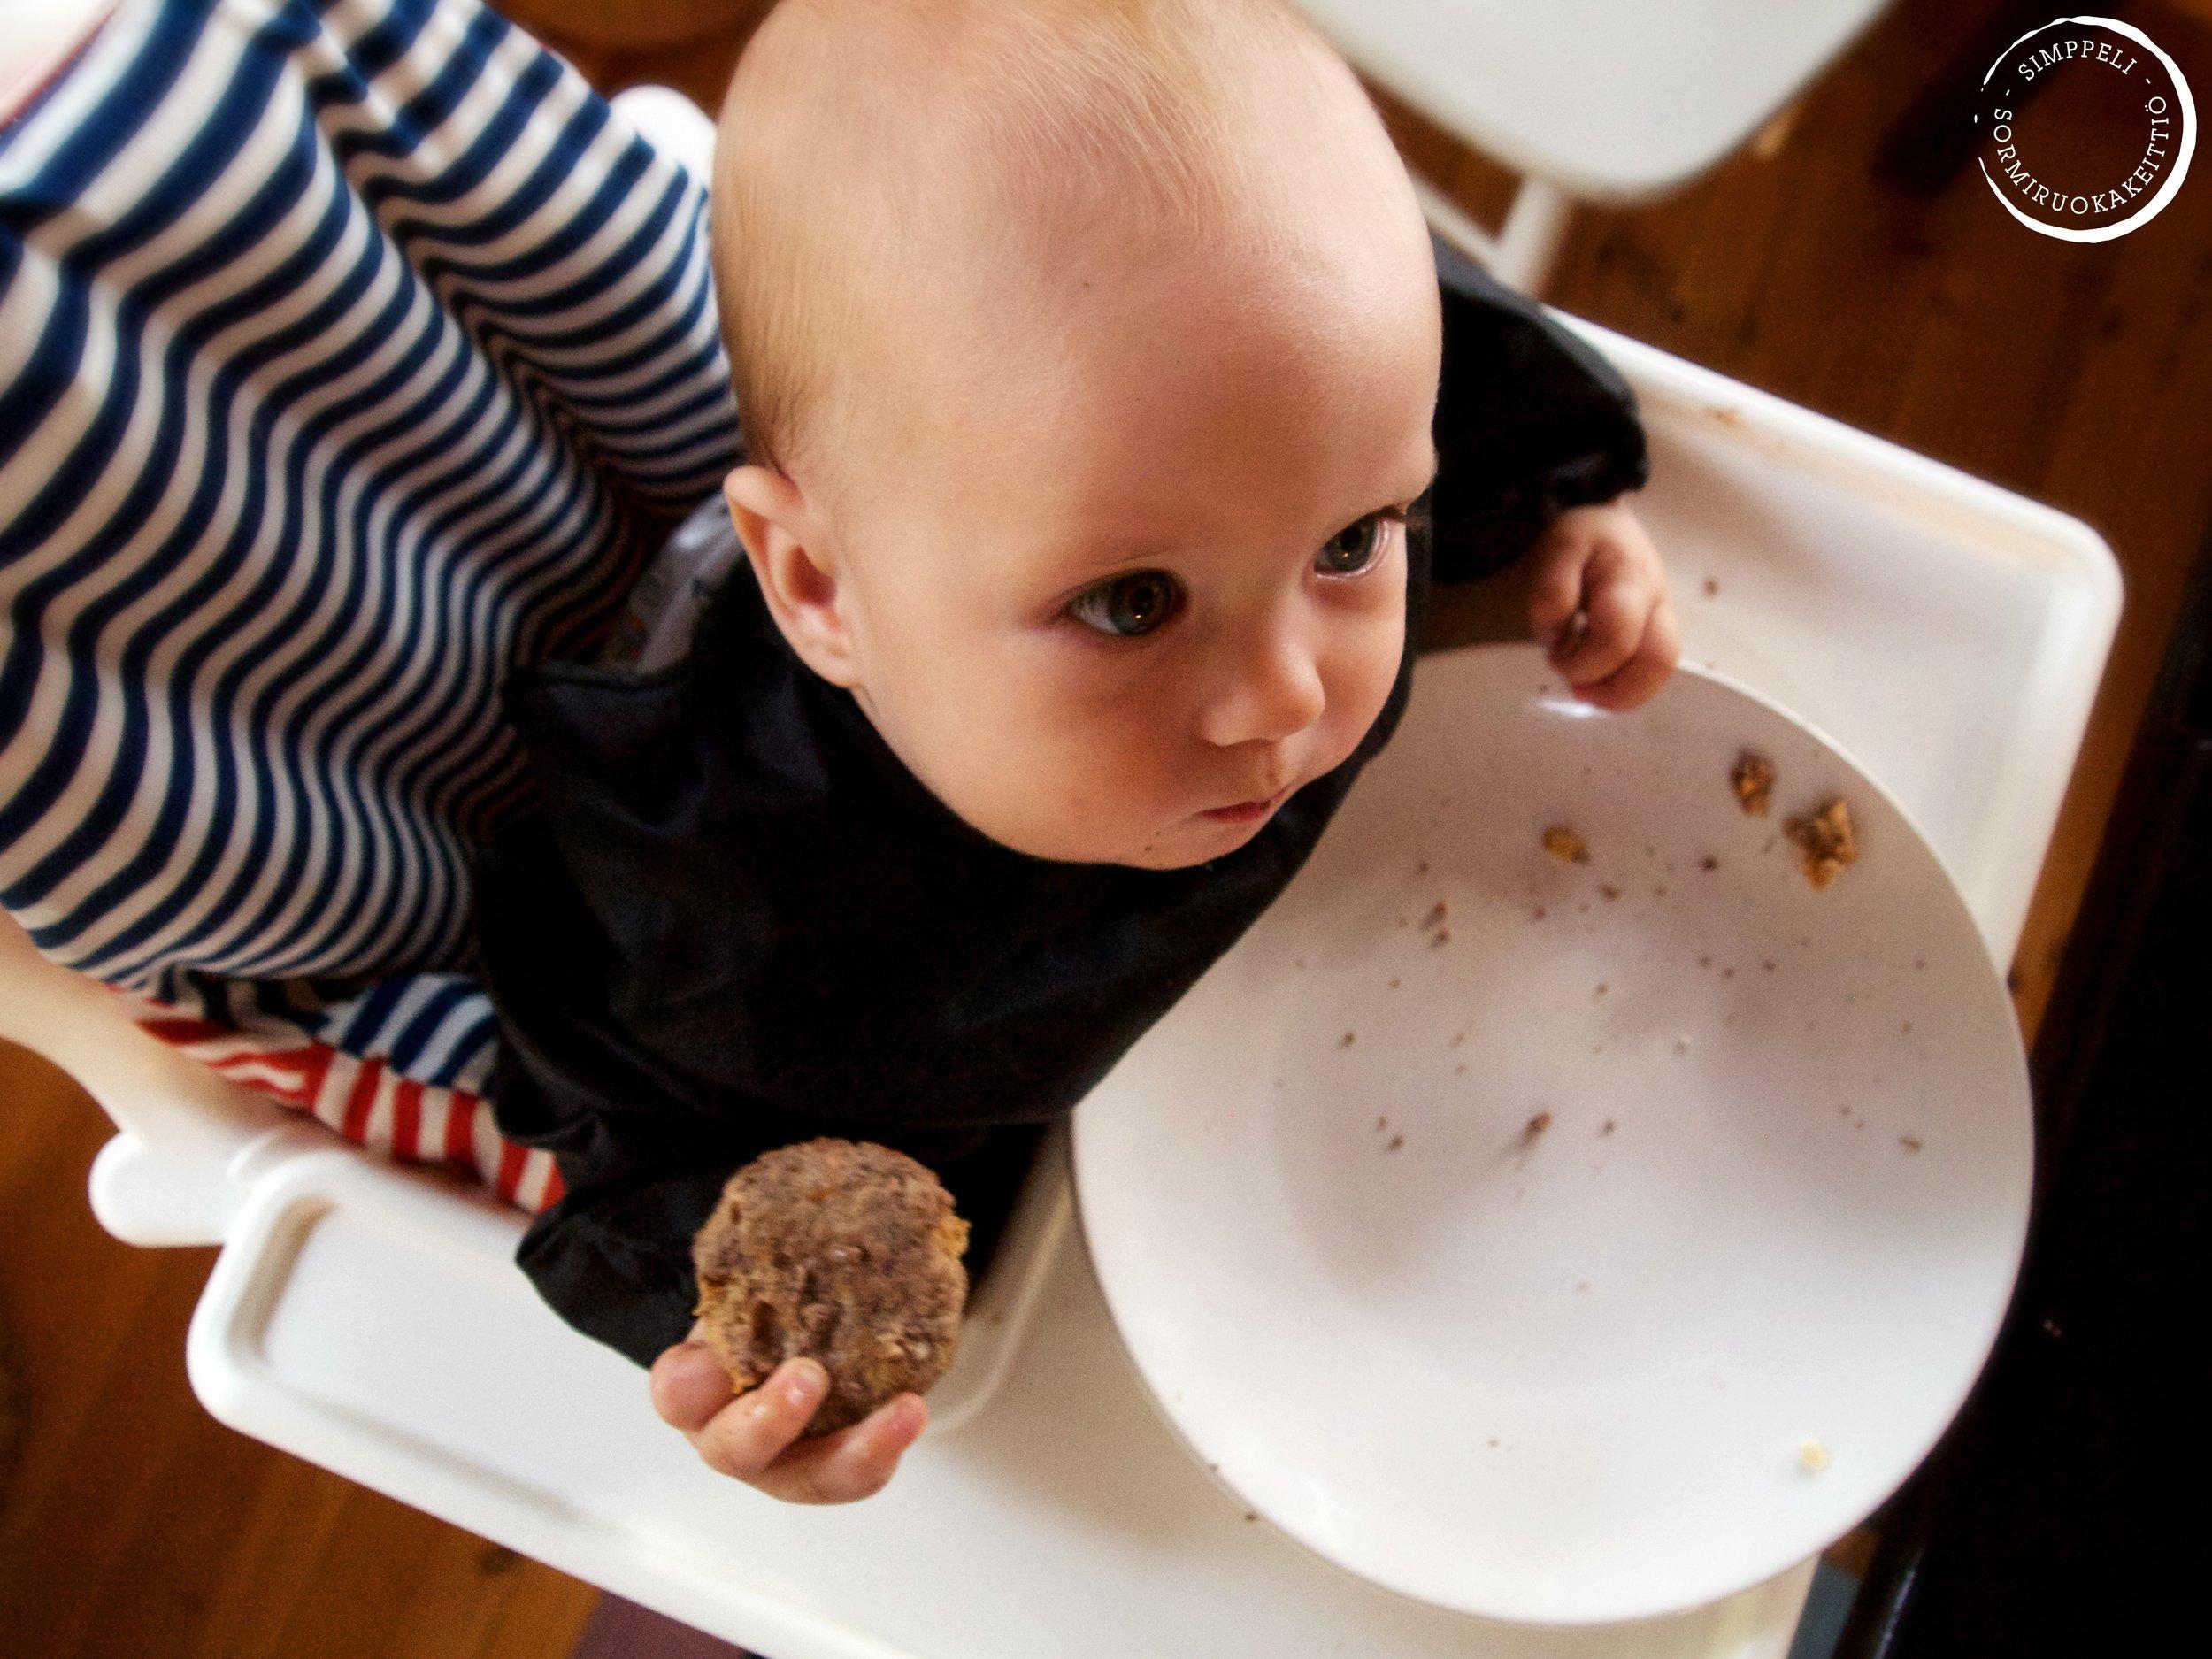 """""""Räpsäse sää, mä pidän tätä."""" Bloggaajan lapsi-raukka tietää, että ensin kuvataan, sitten syödään. hhaahah!"""